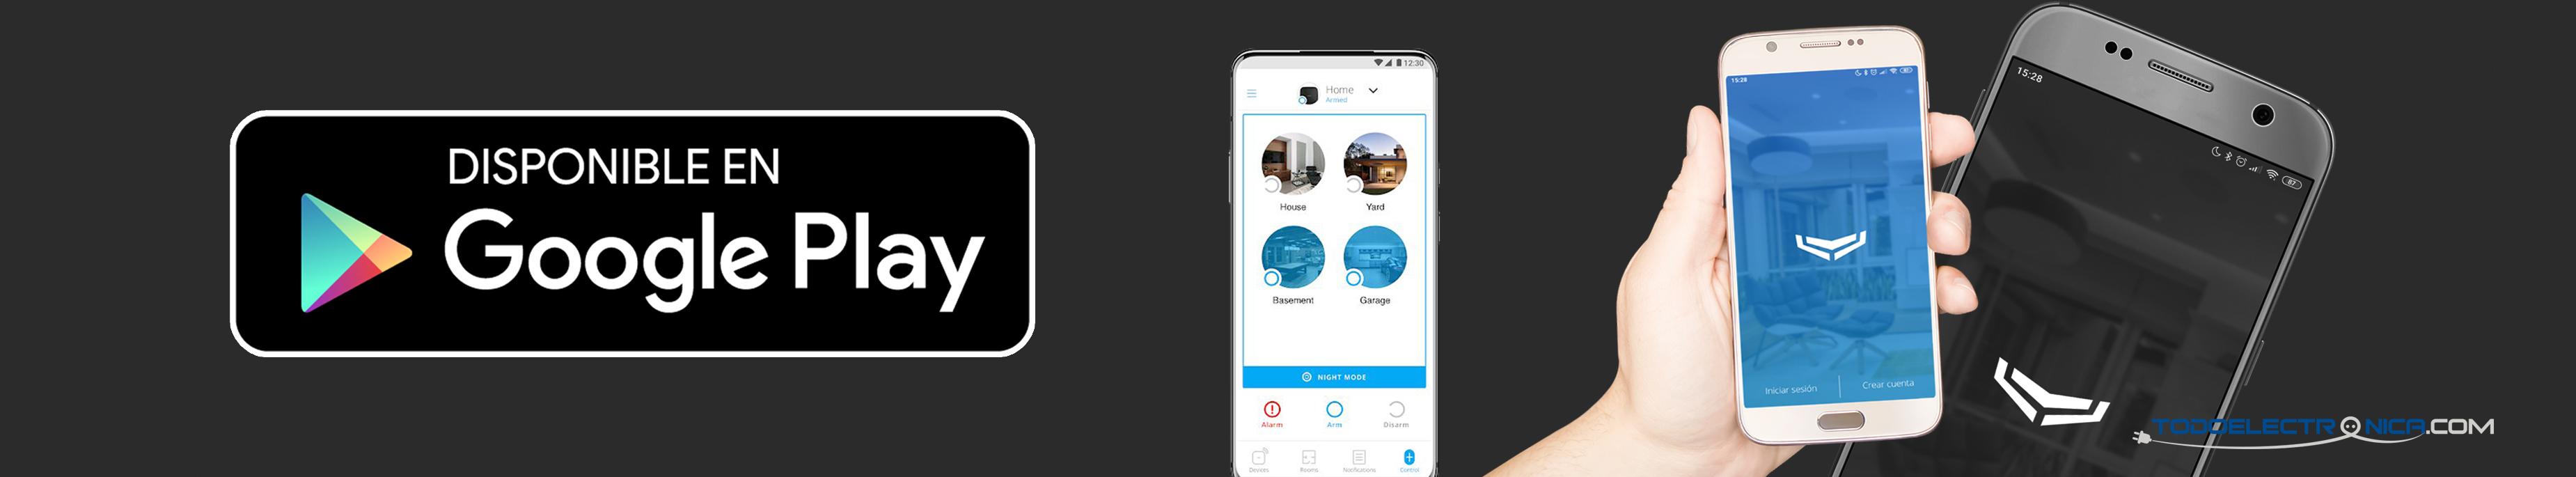 Descarga de aplicación para alarma Ajax Android